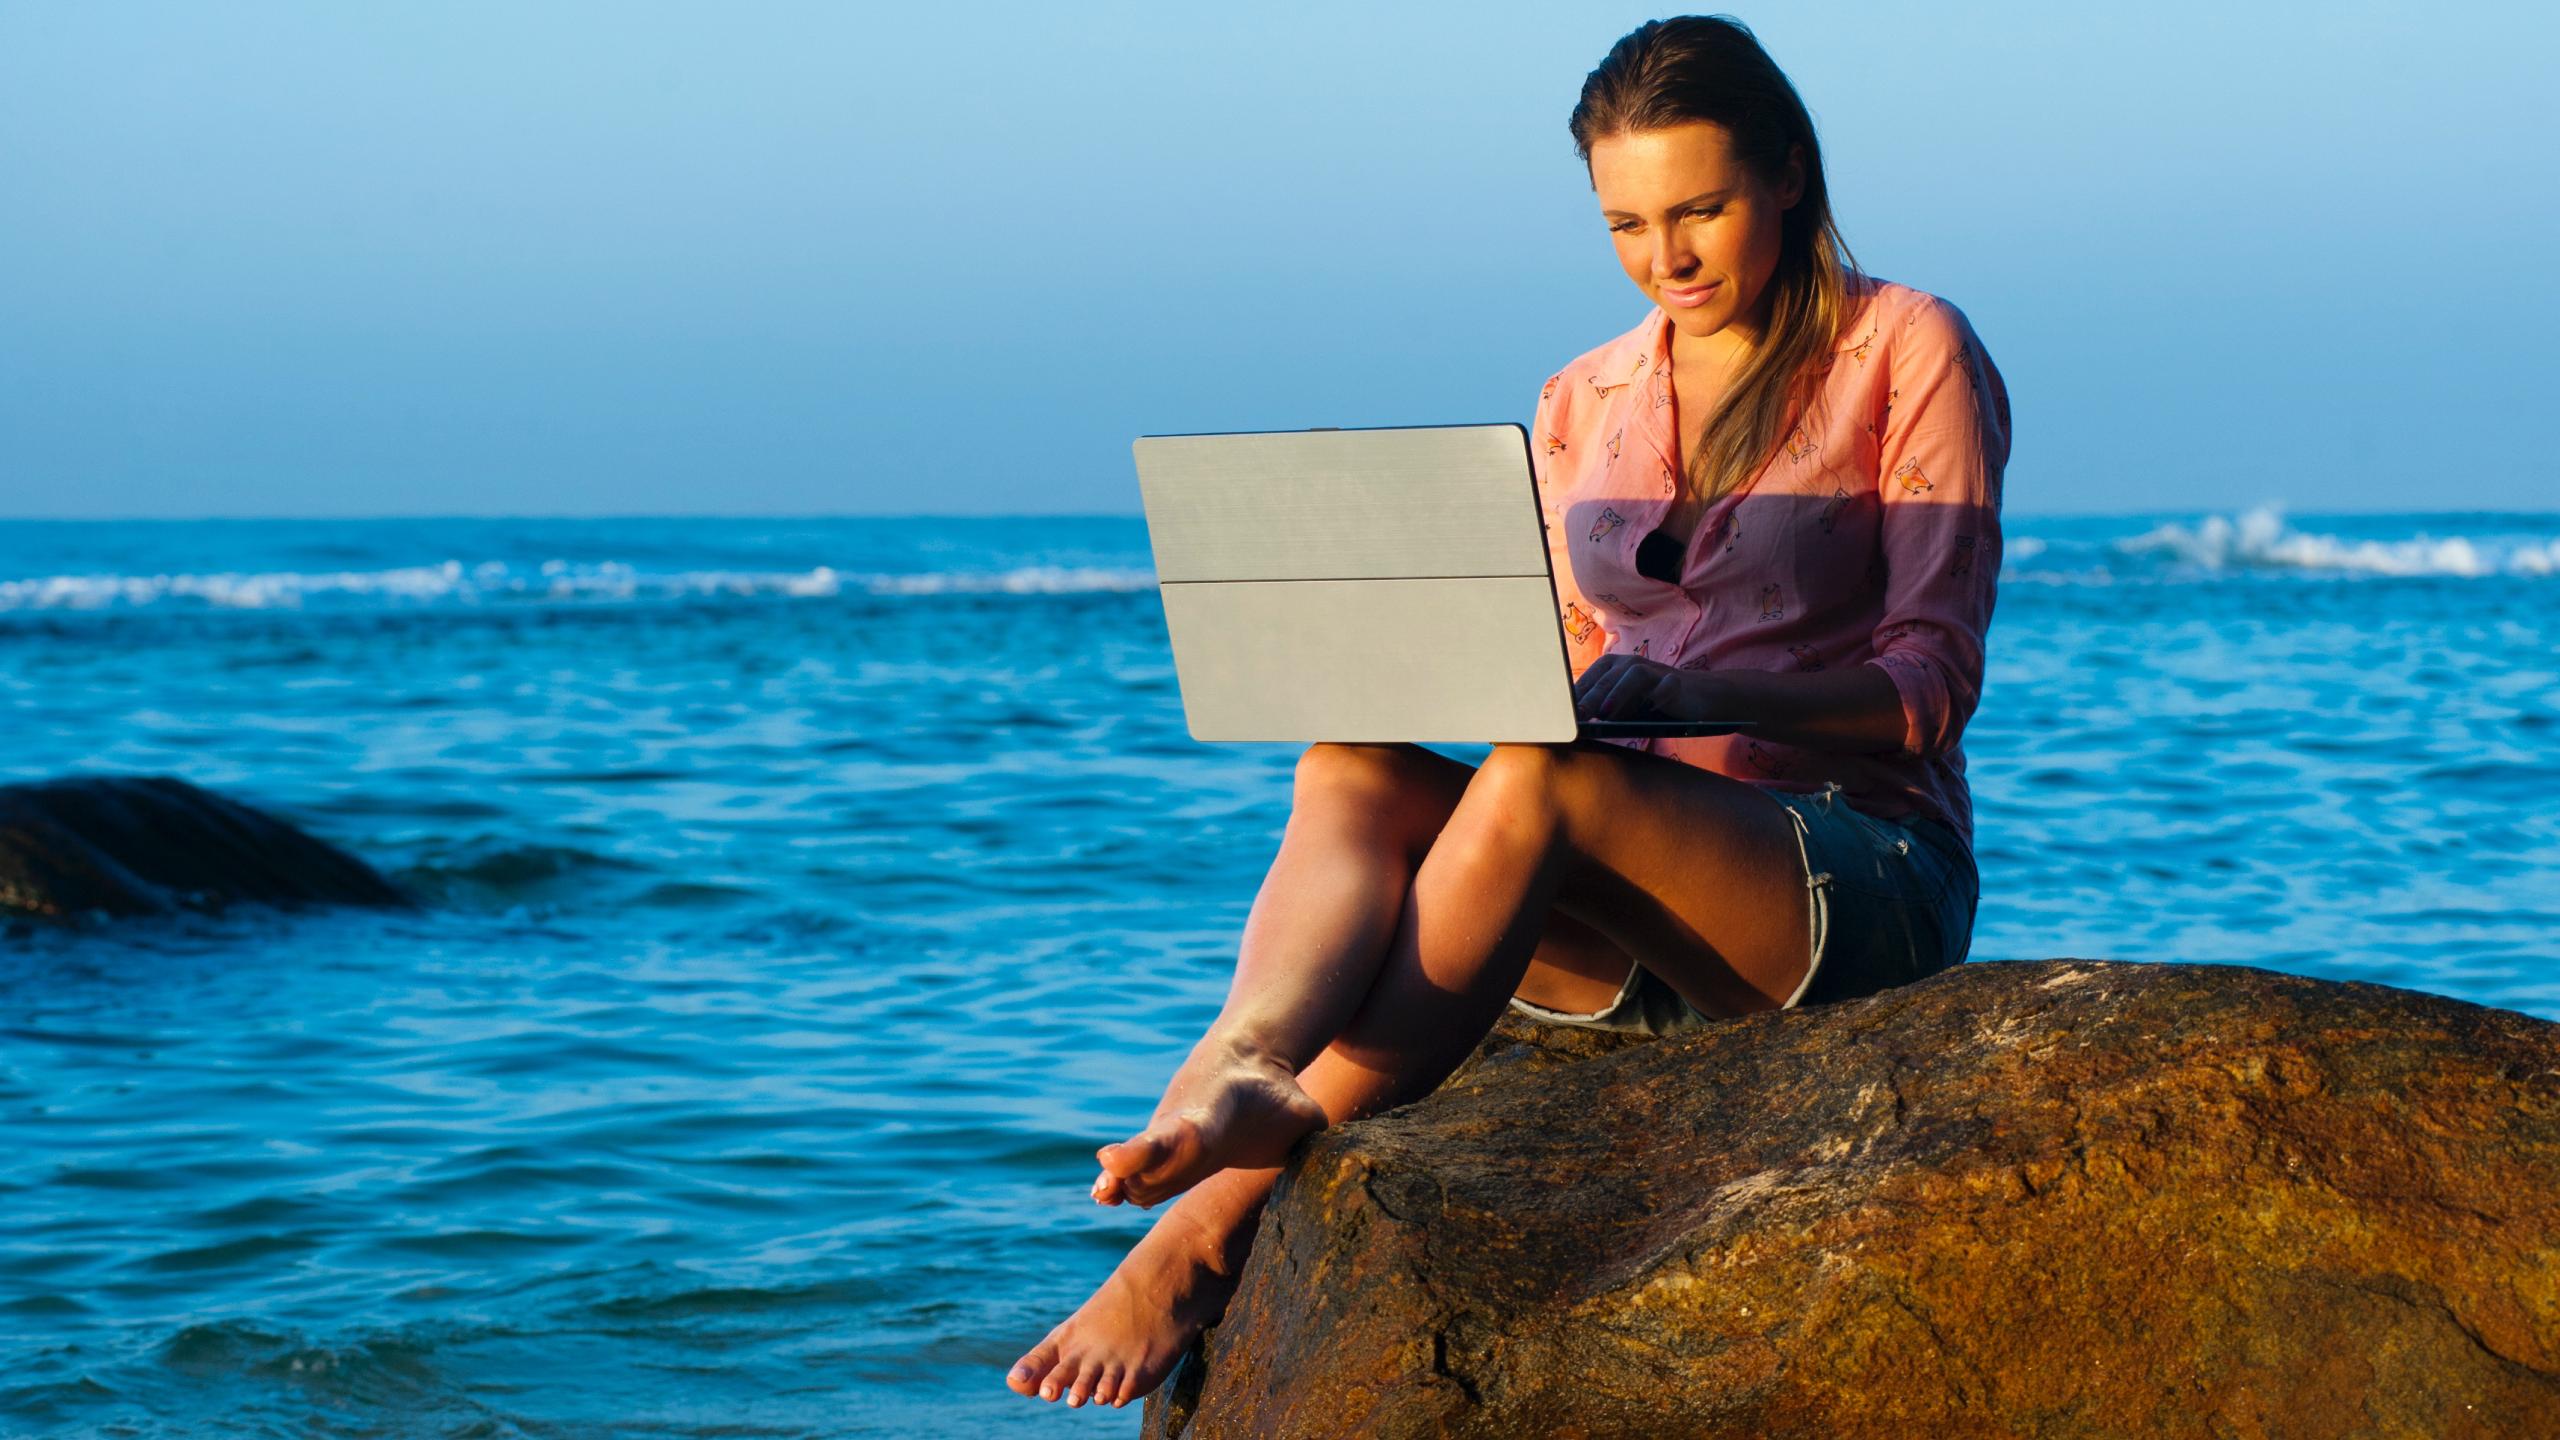 Top 5 destinations for digital nomads